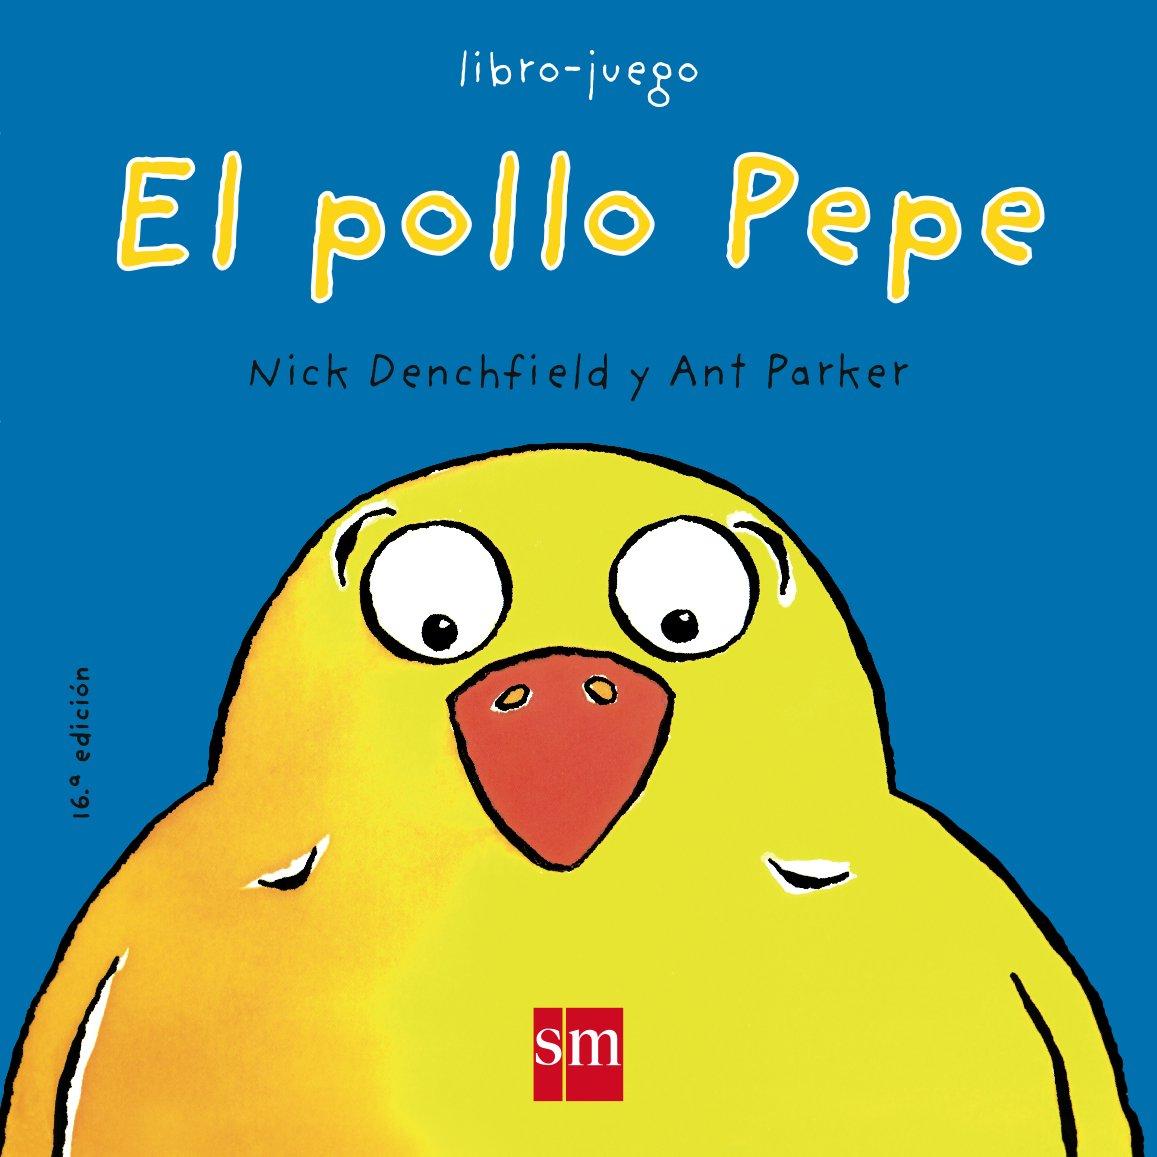 ... claro! este pollo es archiconocido por todos los amantes de la  literatura infantil. El solito enamoró a chicos y a grandes, y ahora tiene  muchos amigos.